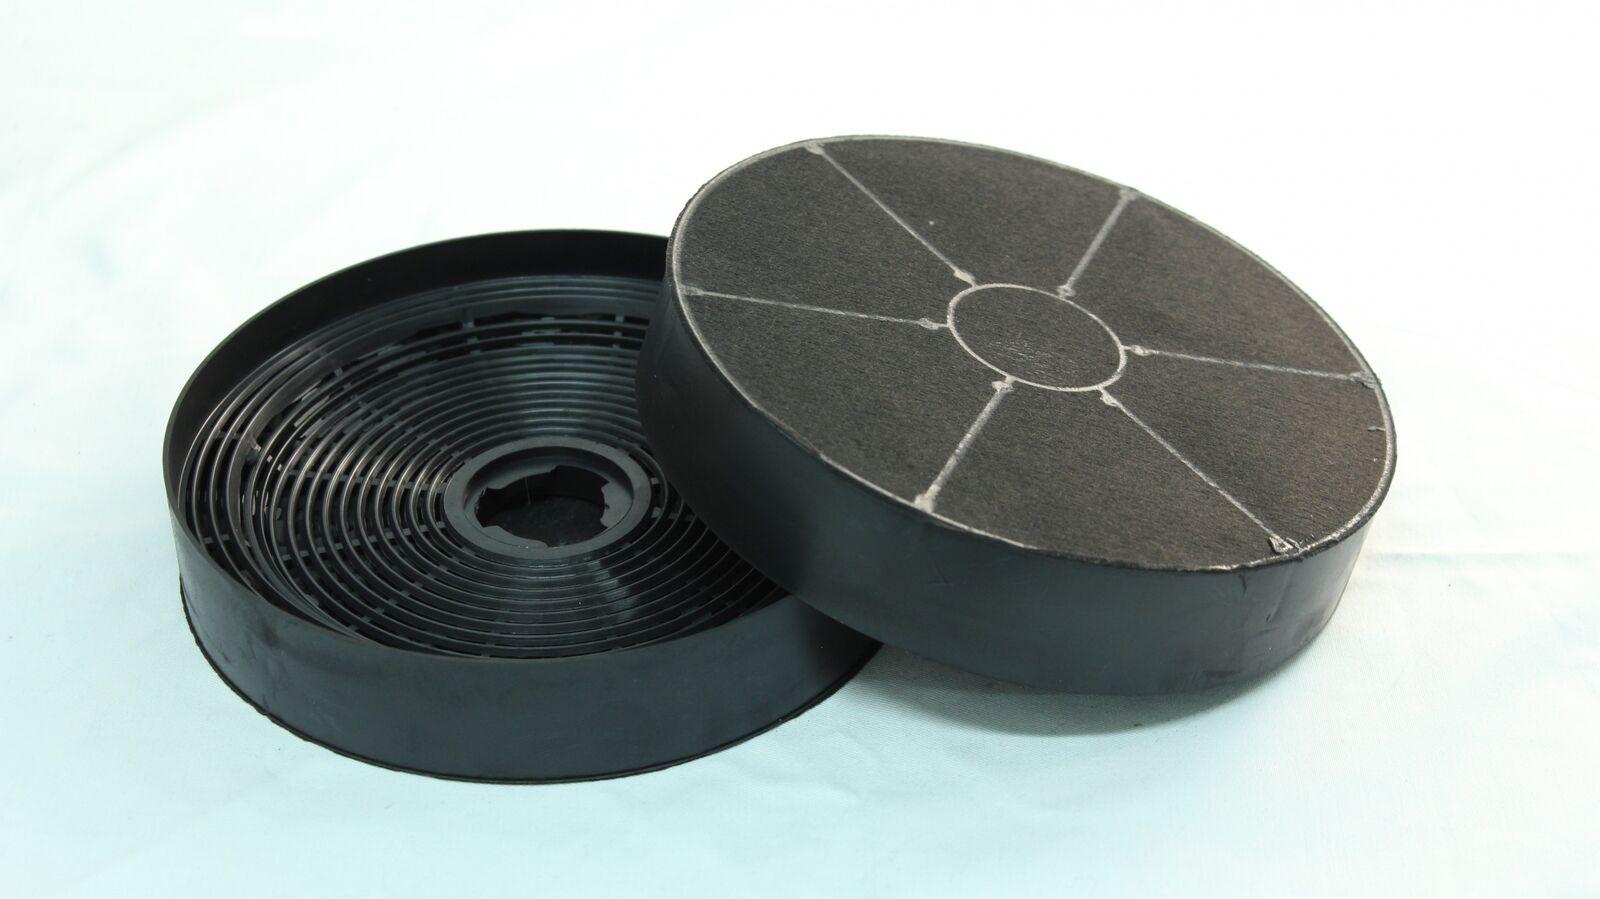 Fettfilter filter universal für dunstabzugshaube